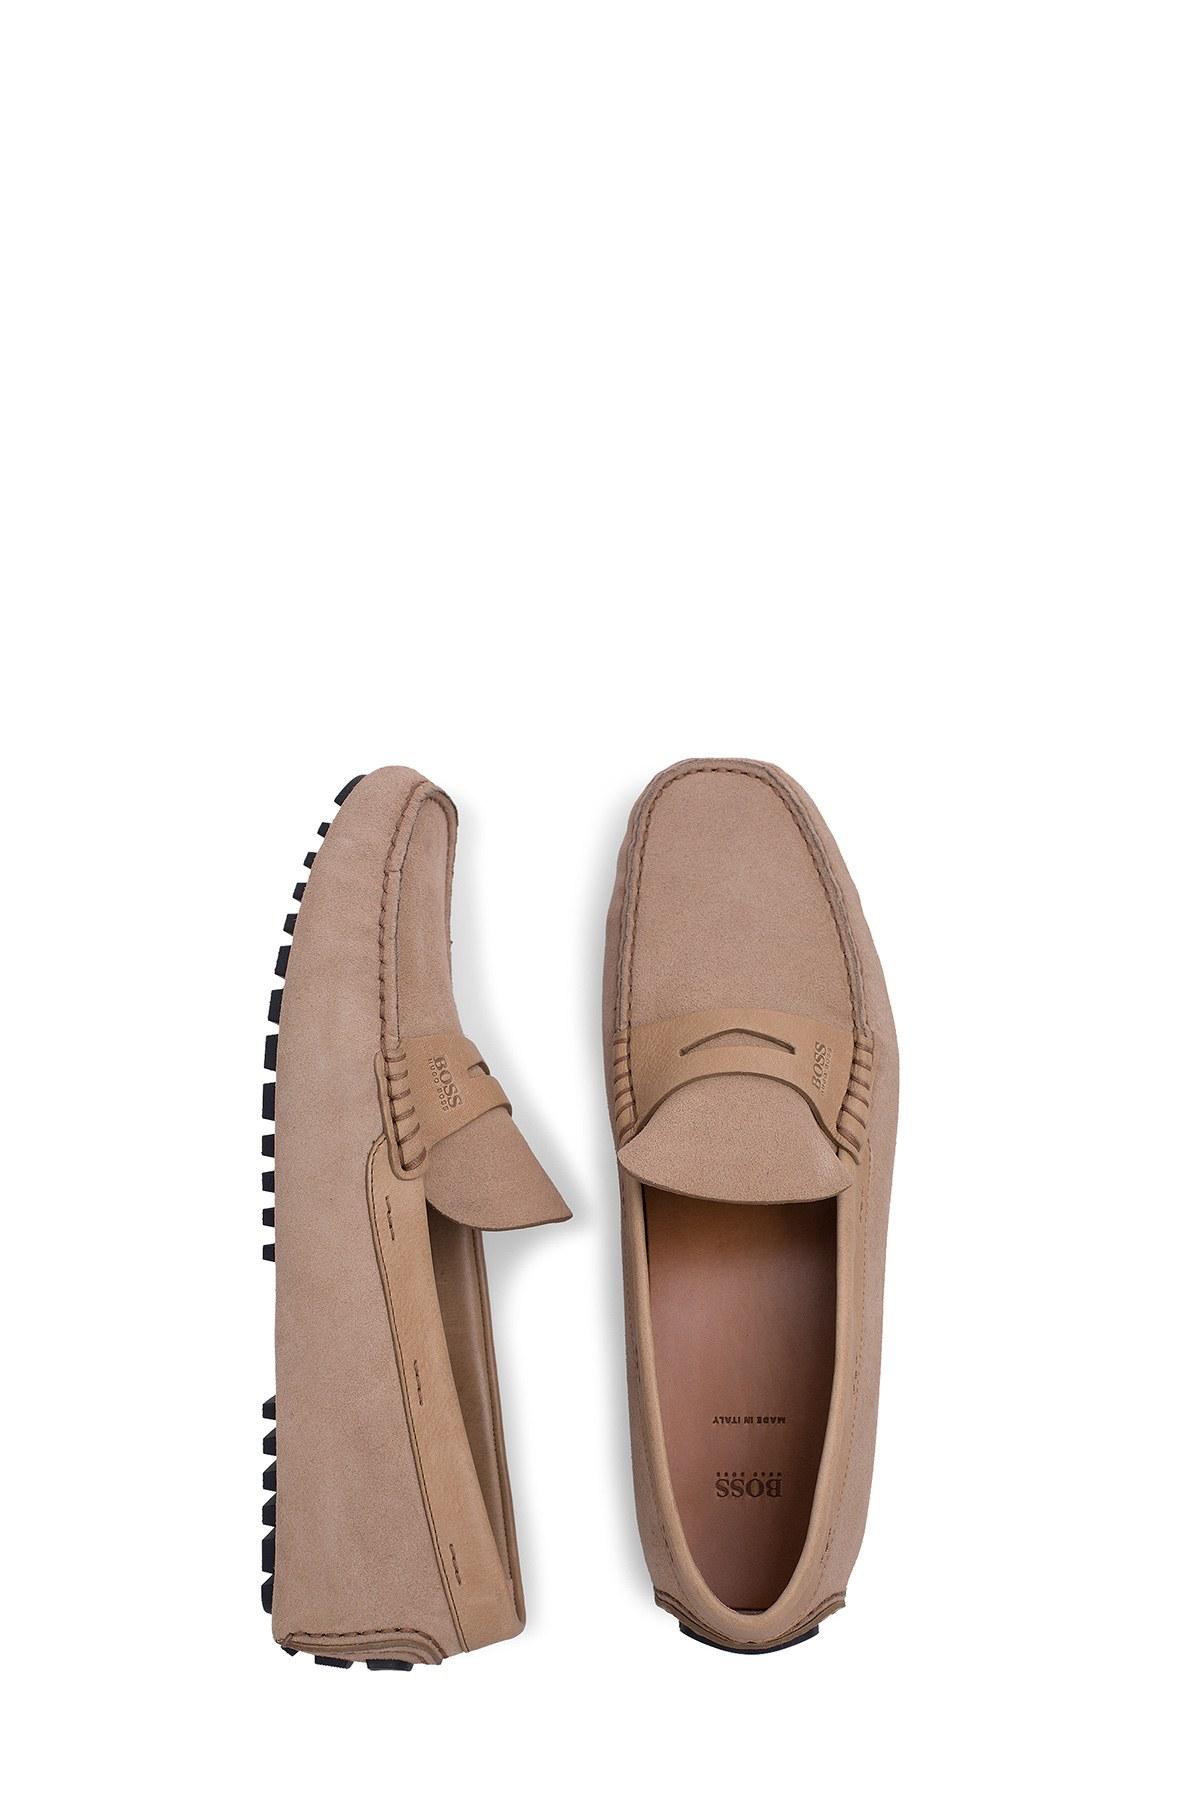 Hugo Boss Erkek Ayakkabı 50429920 235 BEJ